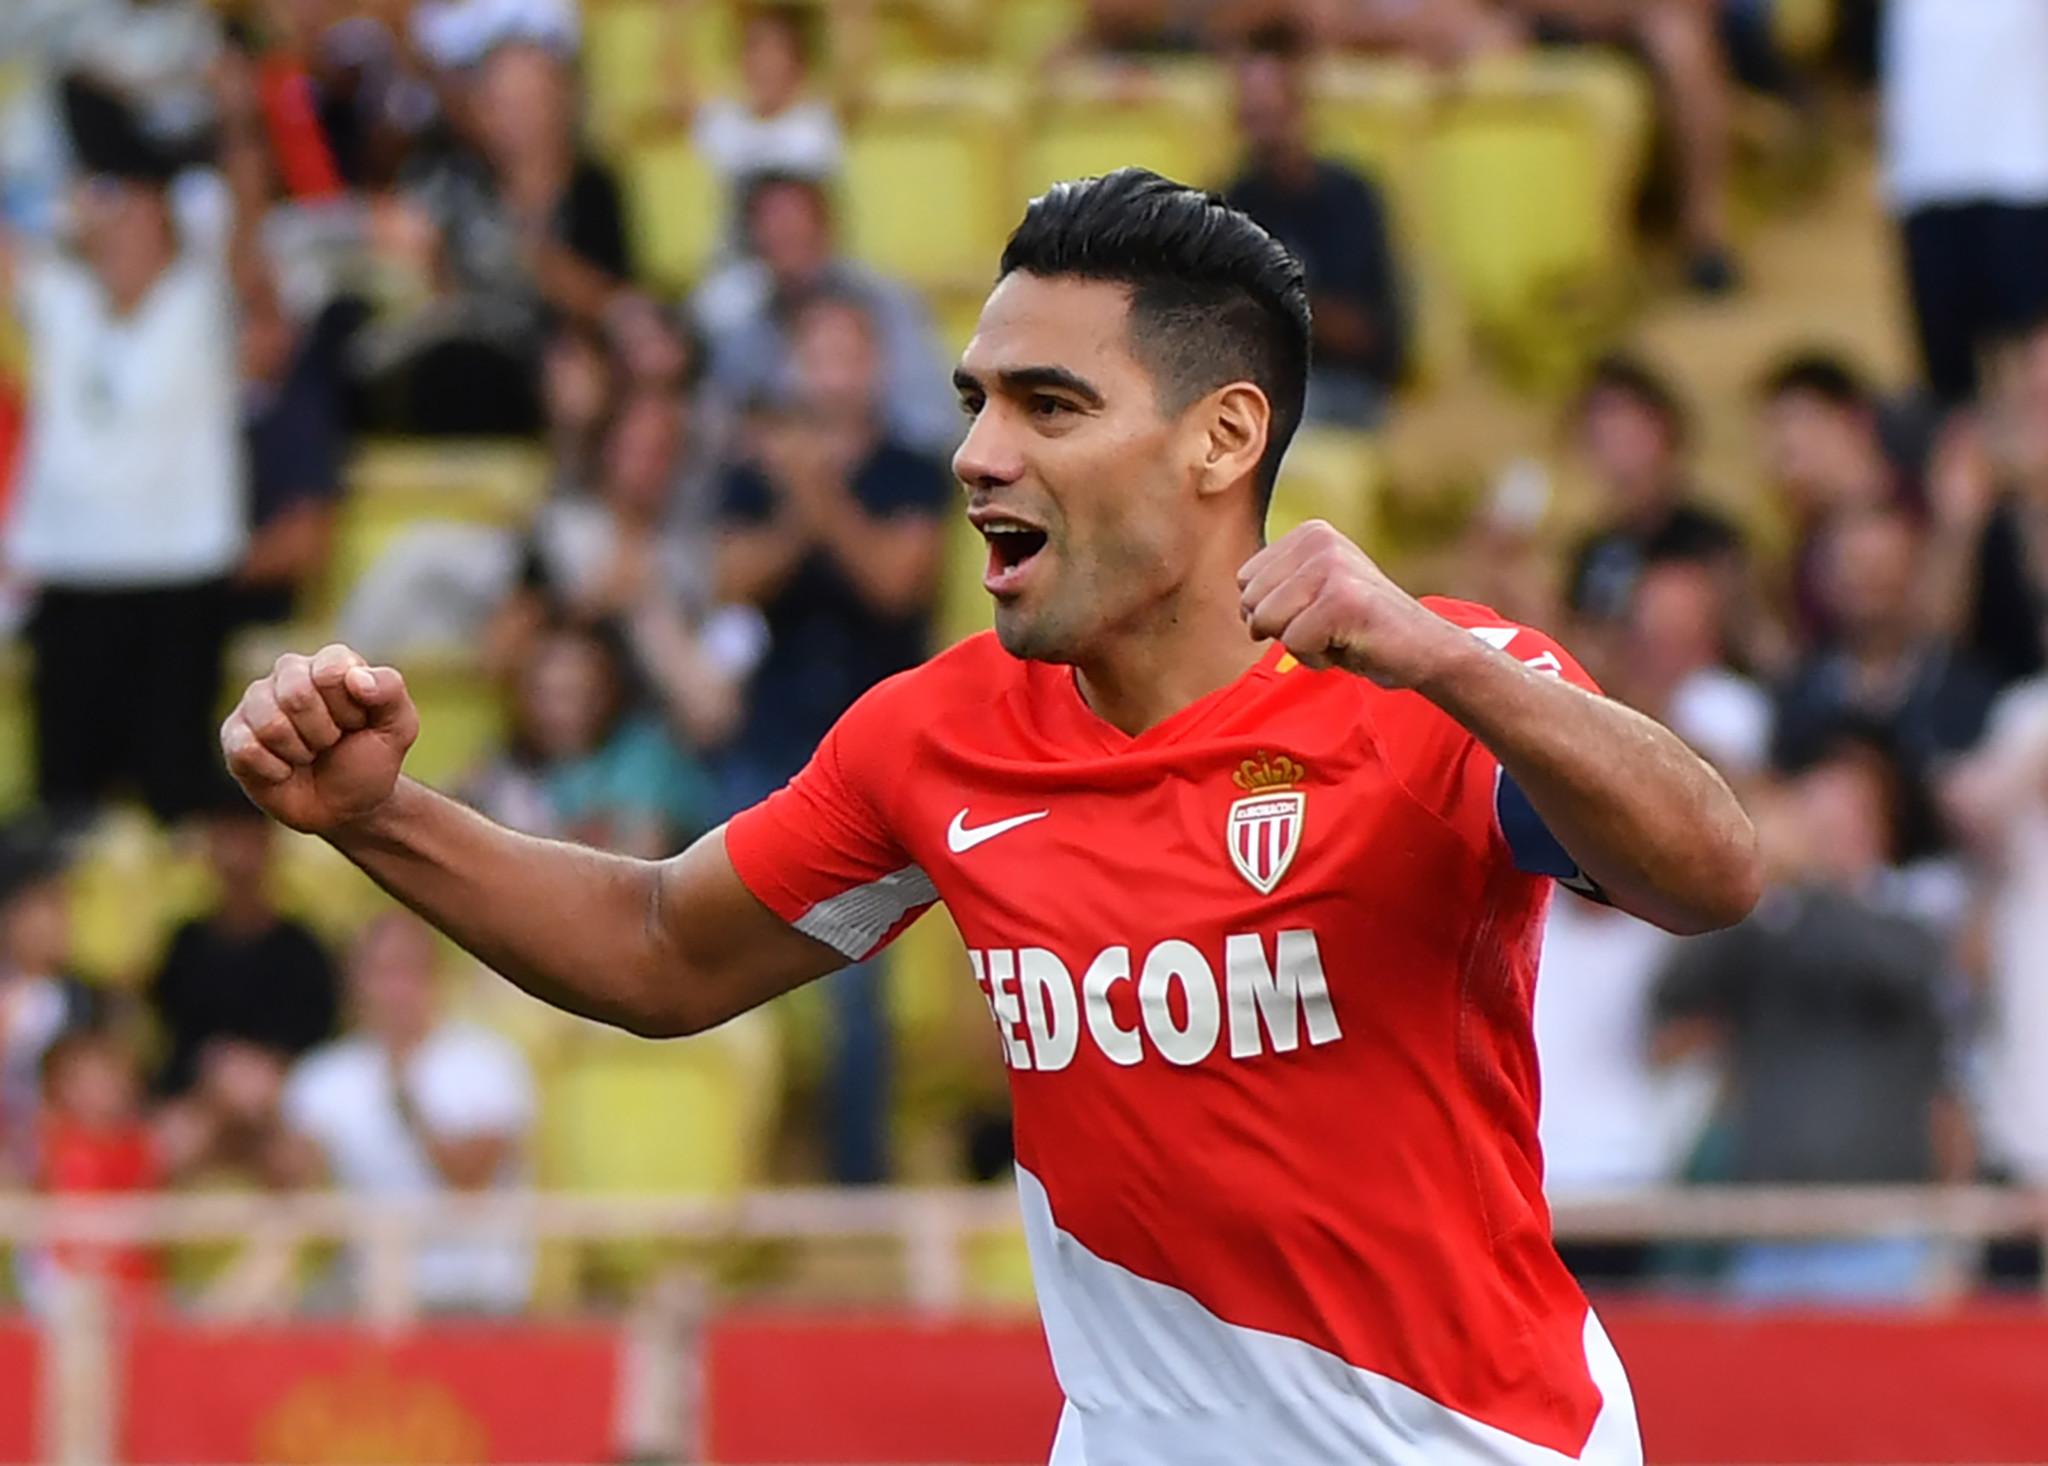 Mãnh hổ gầm vang, Monaco dễ dàng đả bại Strasbourg